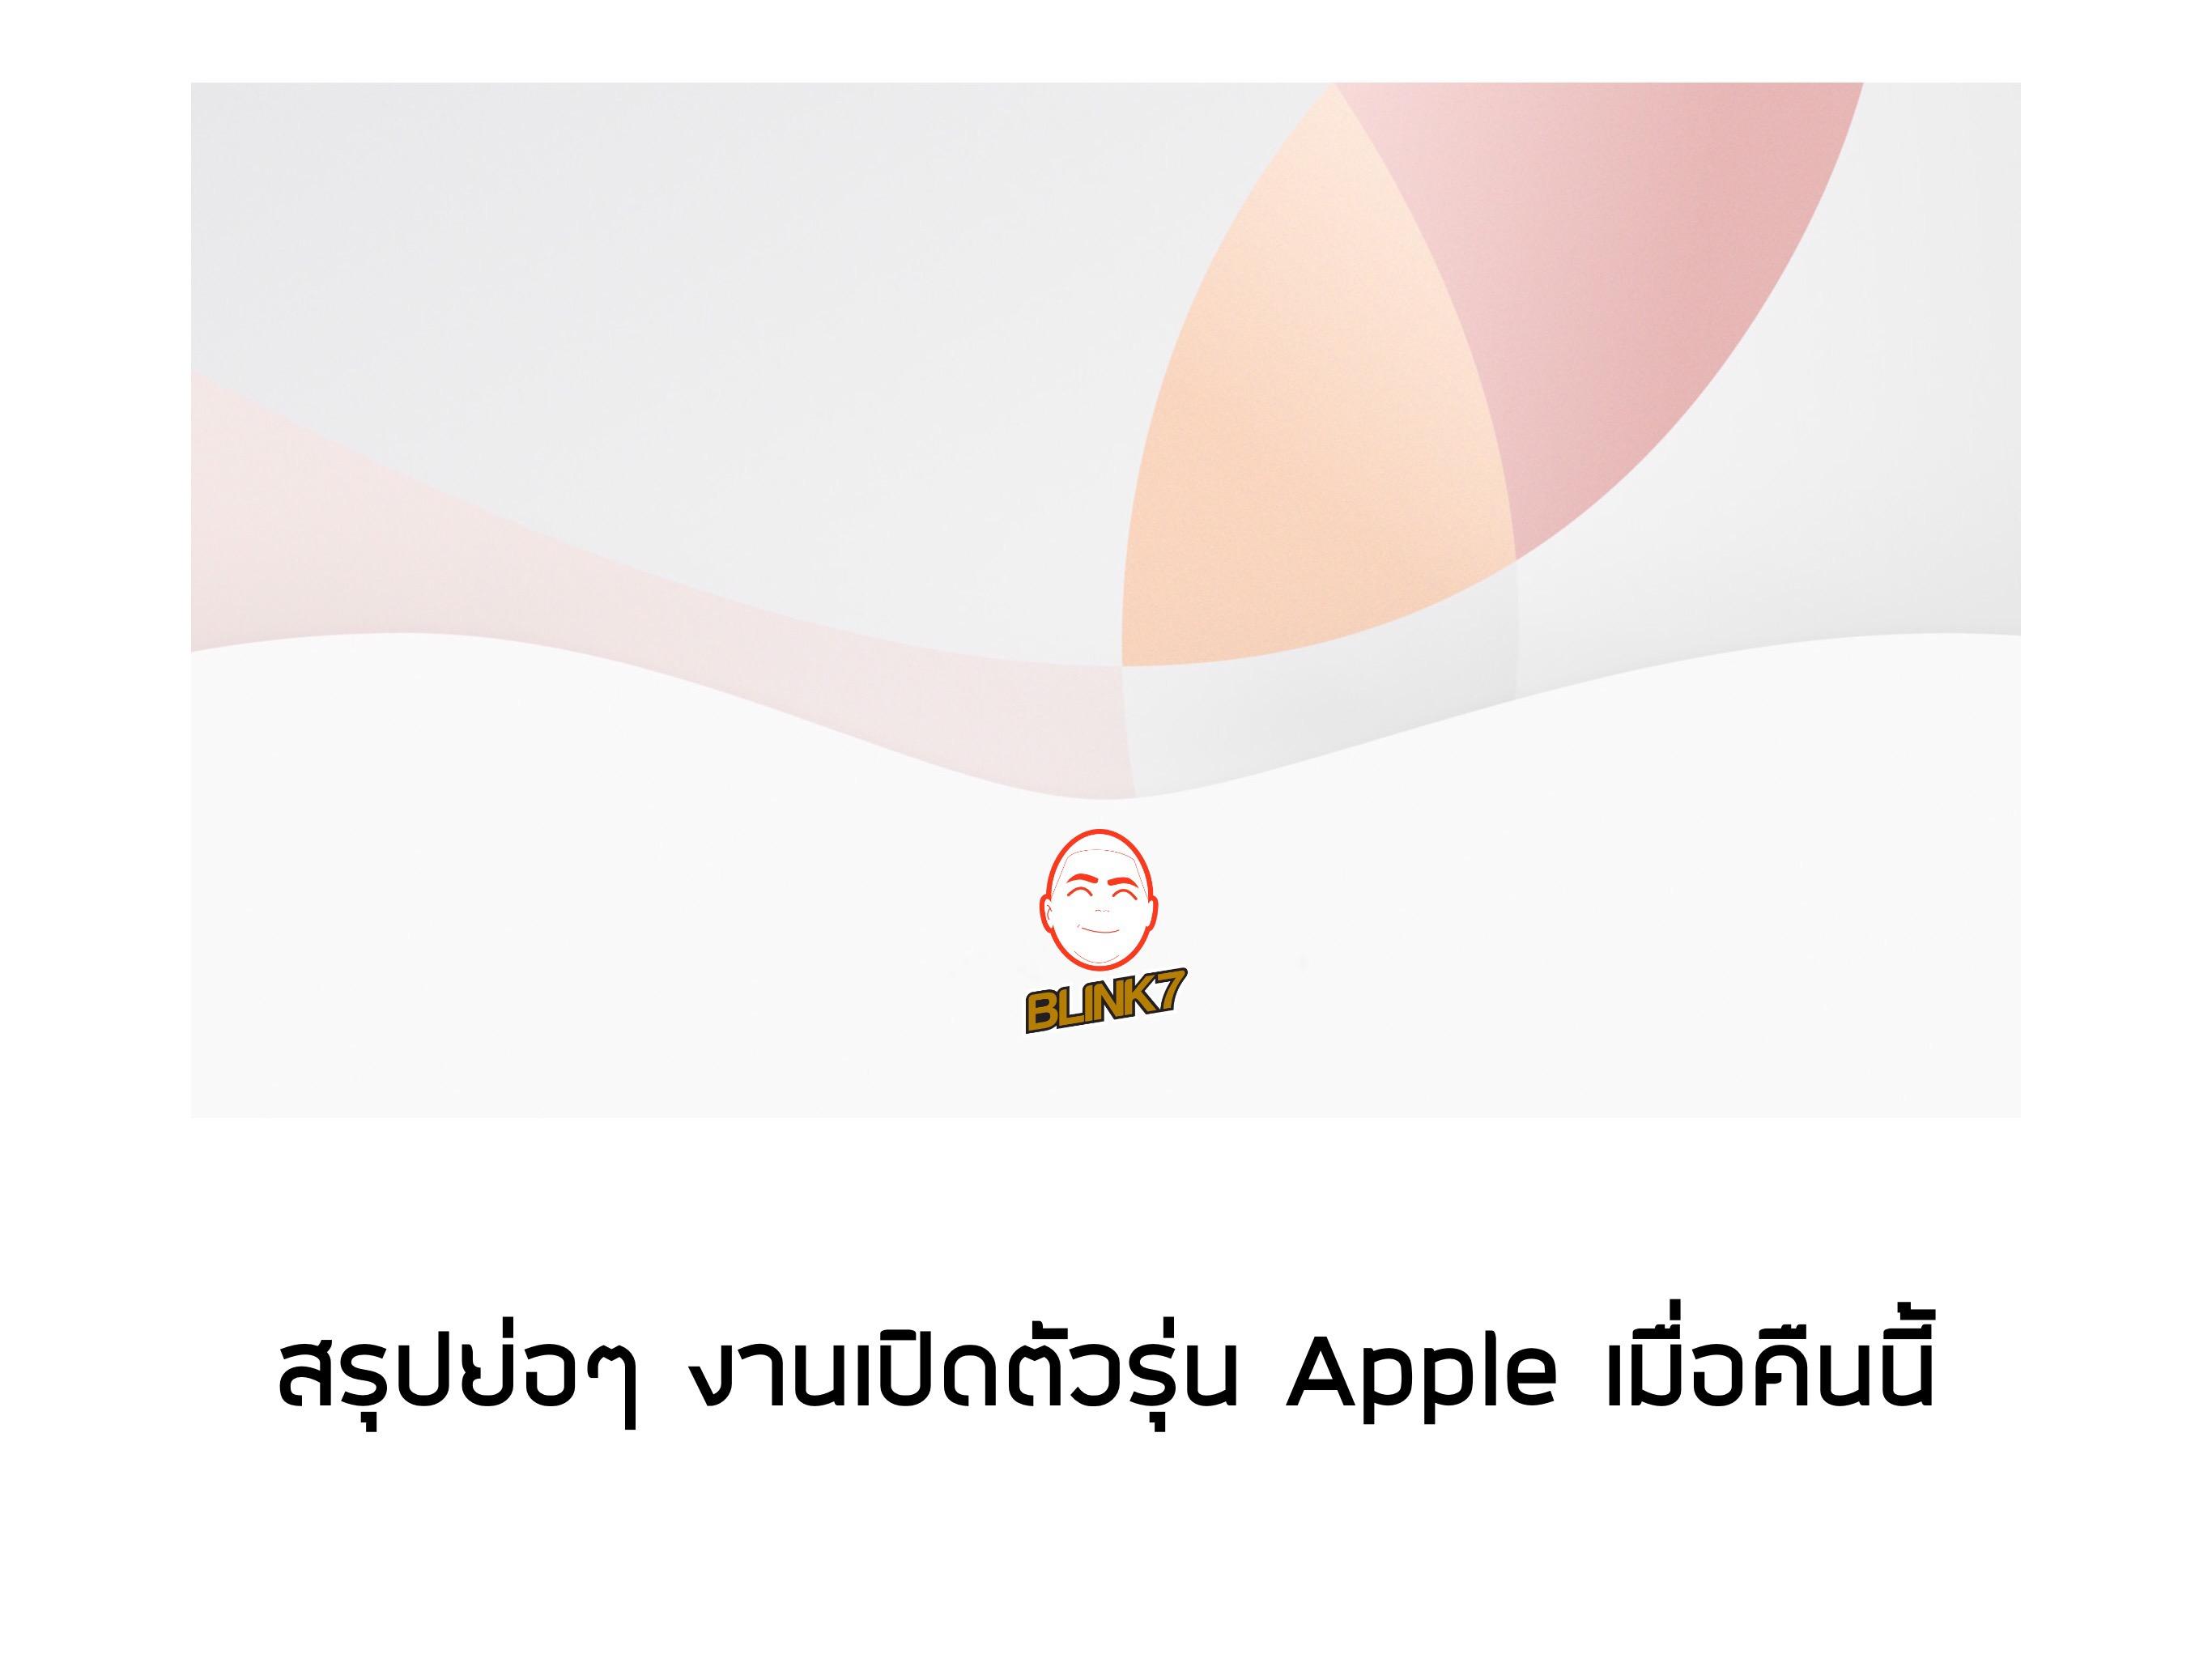 สรุปย่อๆ งานเปิดตัวสินค้าใหม่ของ Apple เมื่อคืน